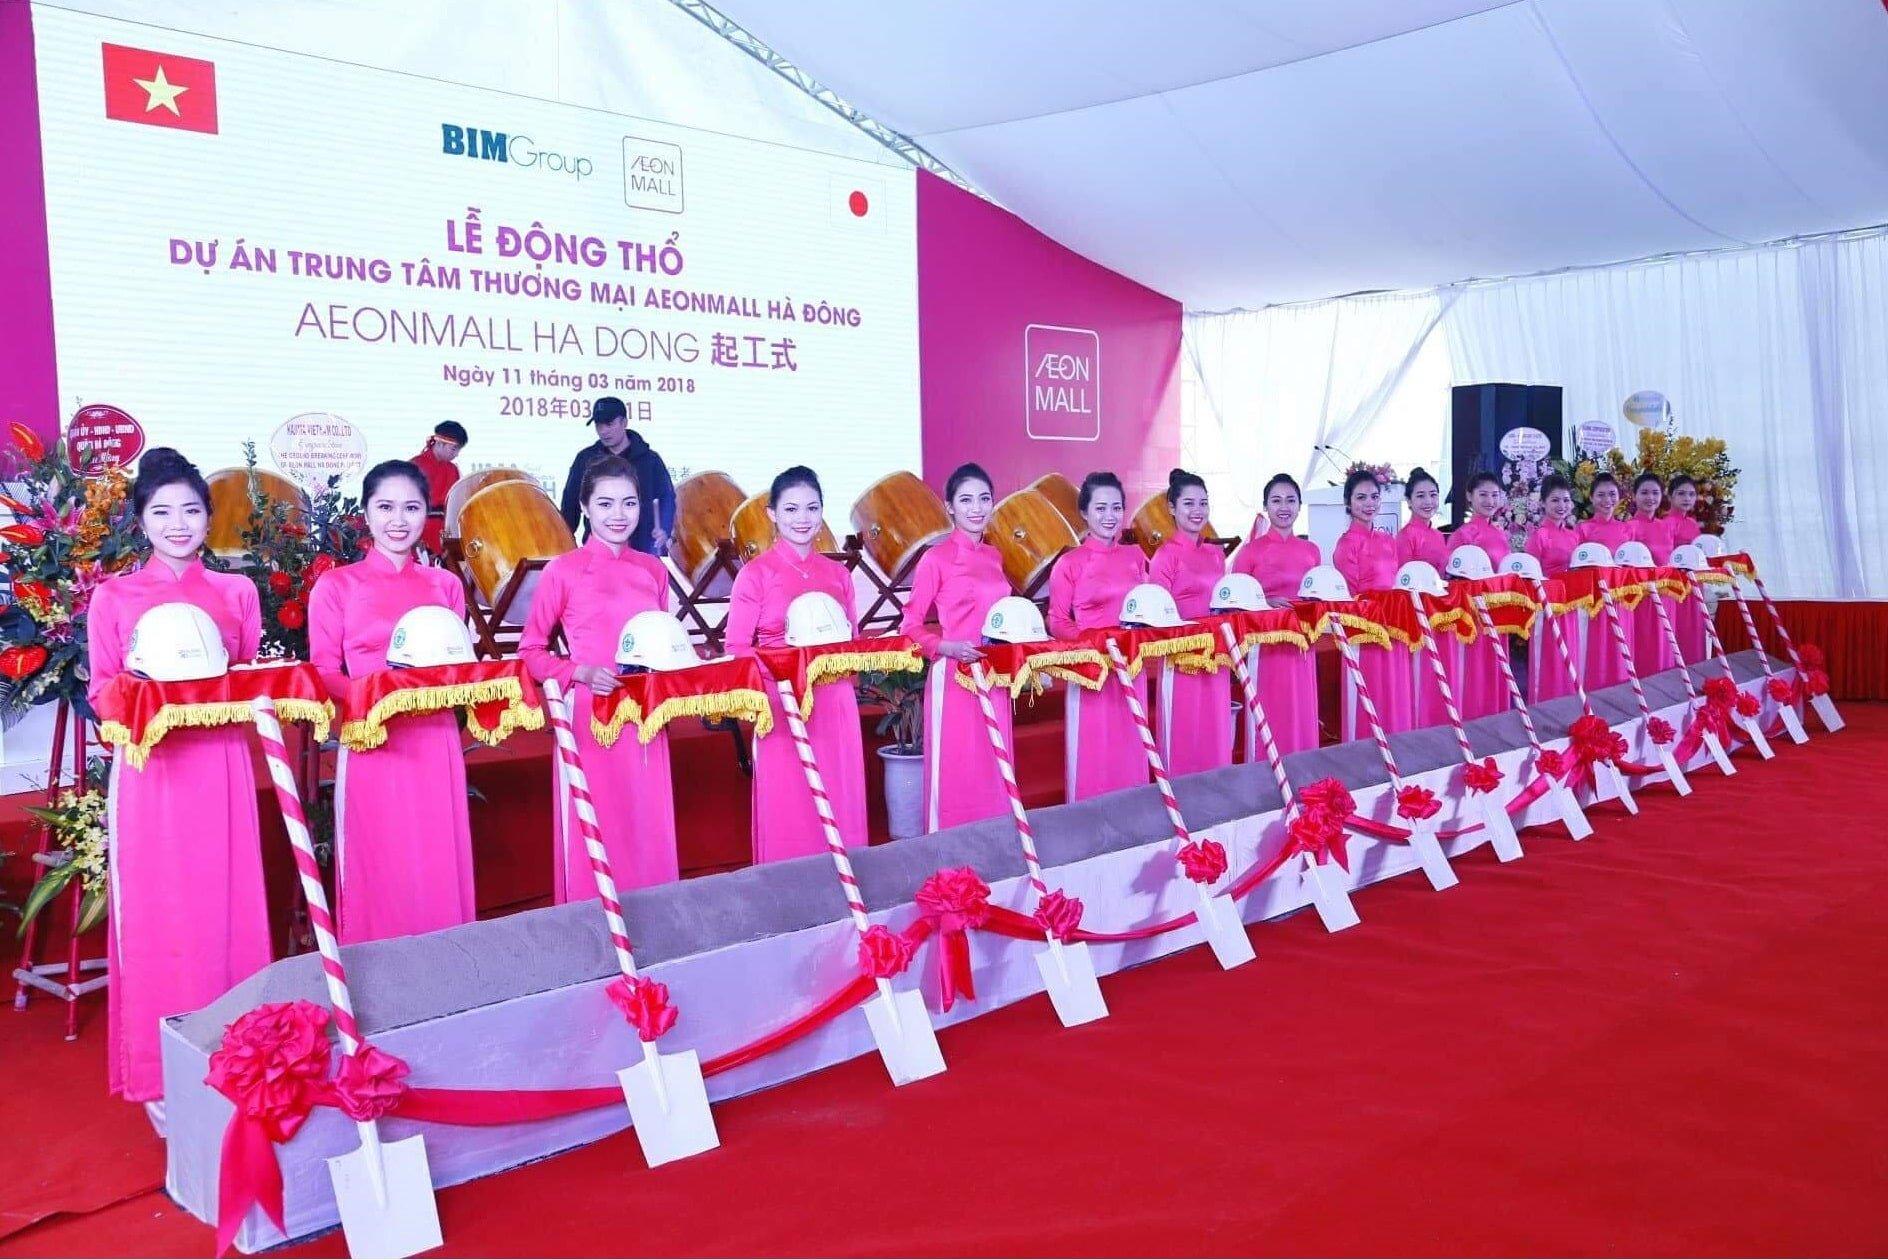 le dong tho 16 min - Dịch vụ chụp hình công ty, doanh nghiệp tại Tp.HCM -HThao Studio